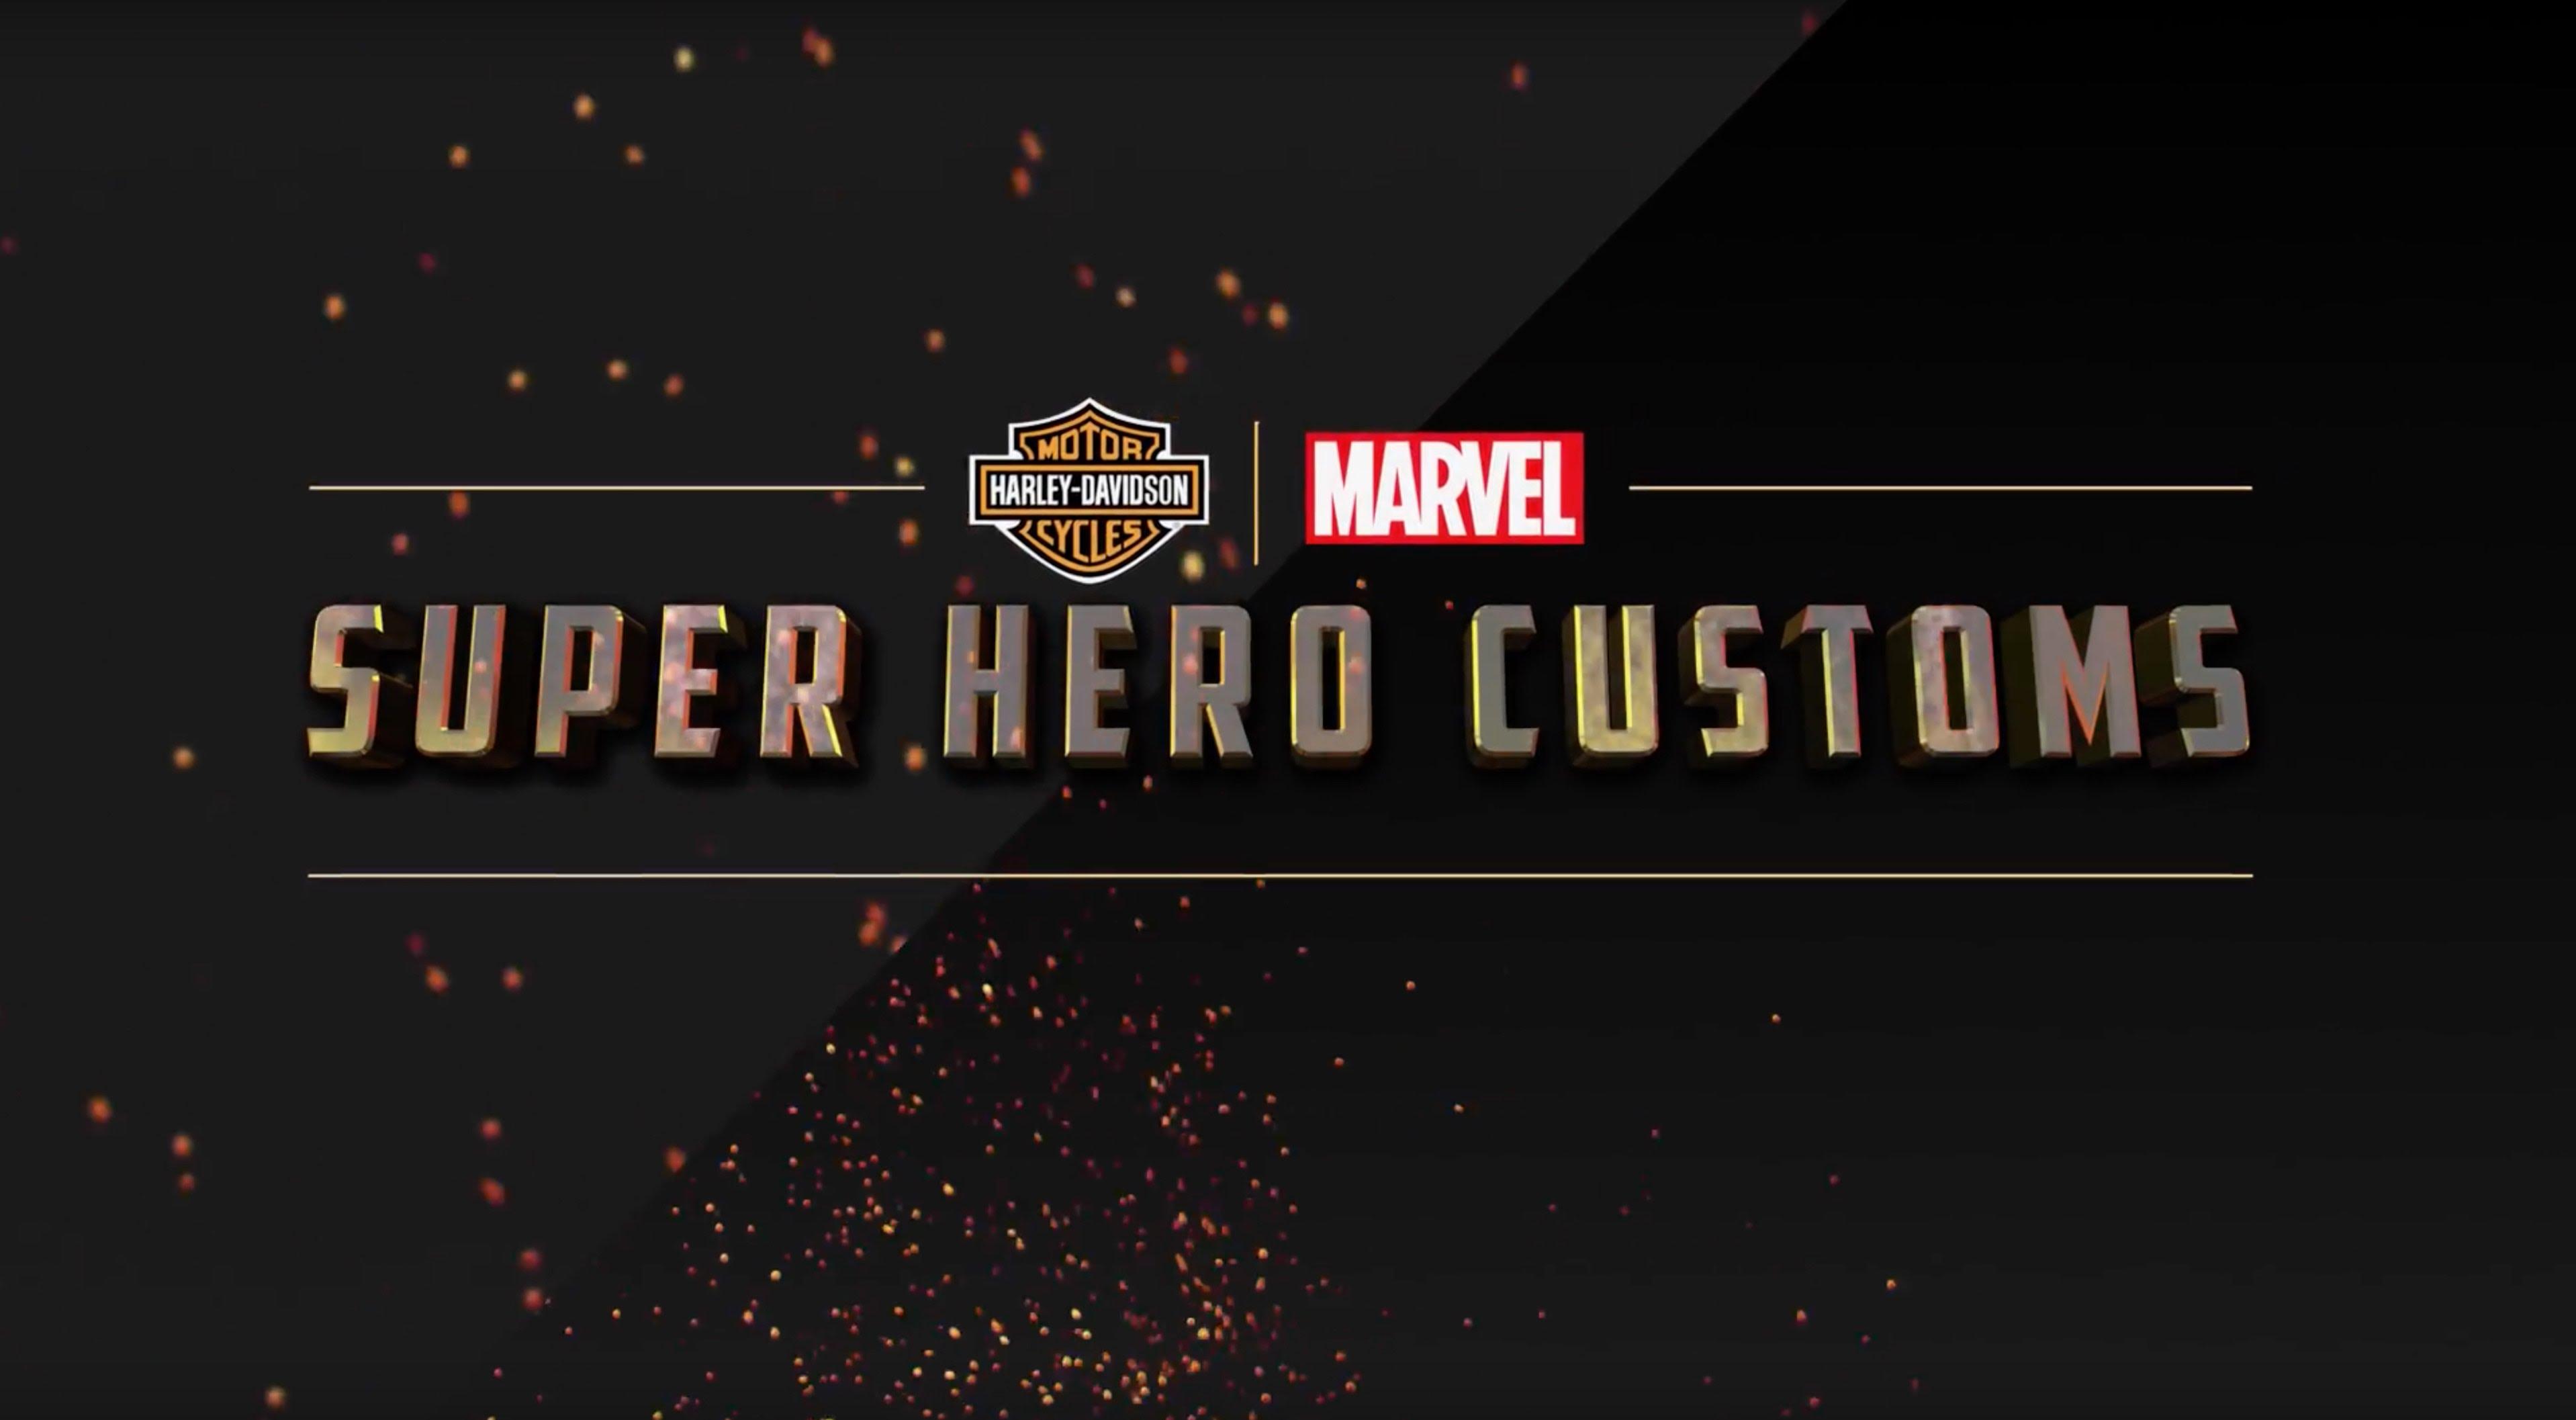 Marvel und Harley Davidson haben zusammen Motorräder gestaltet